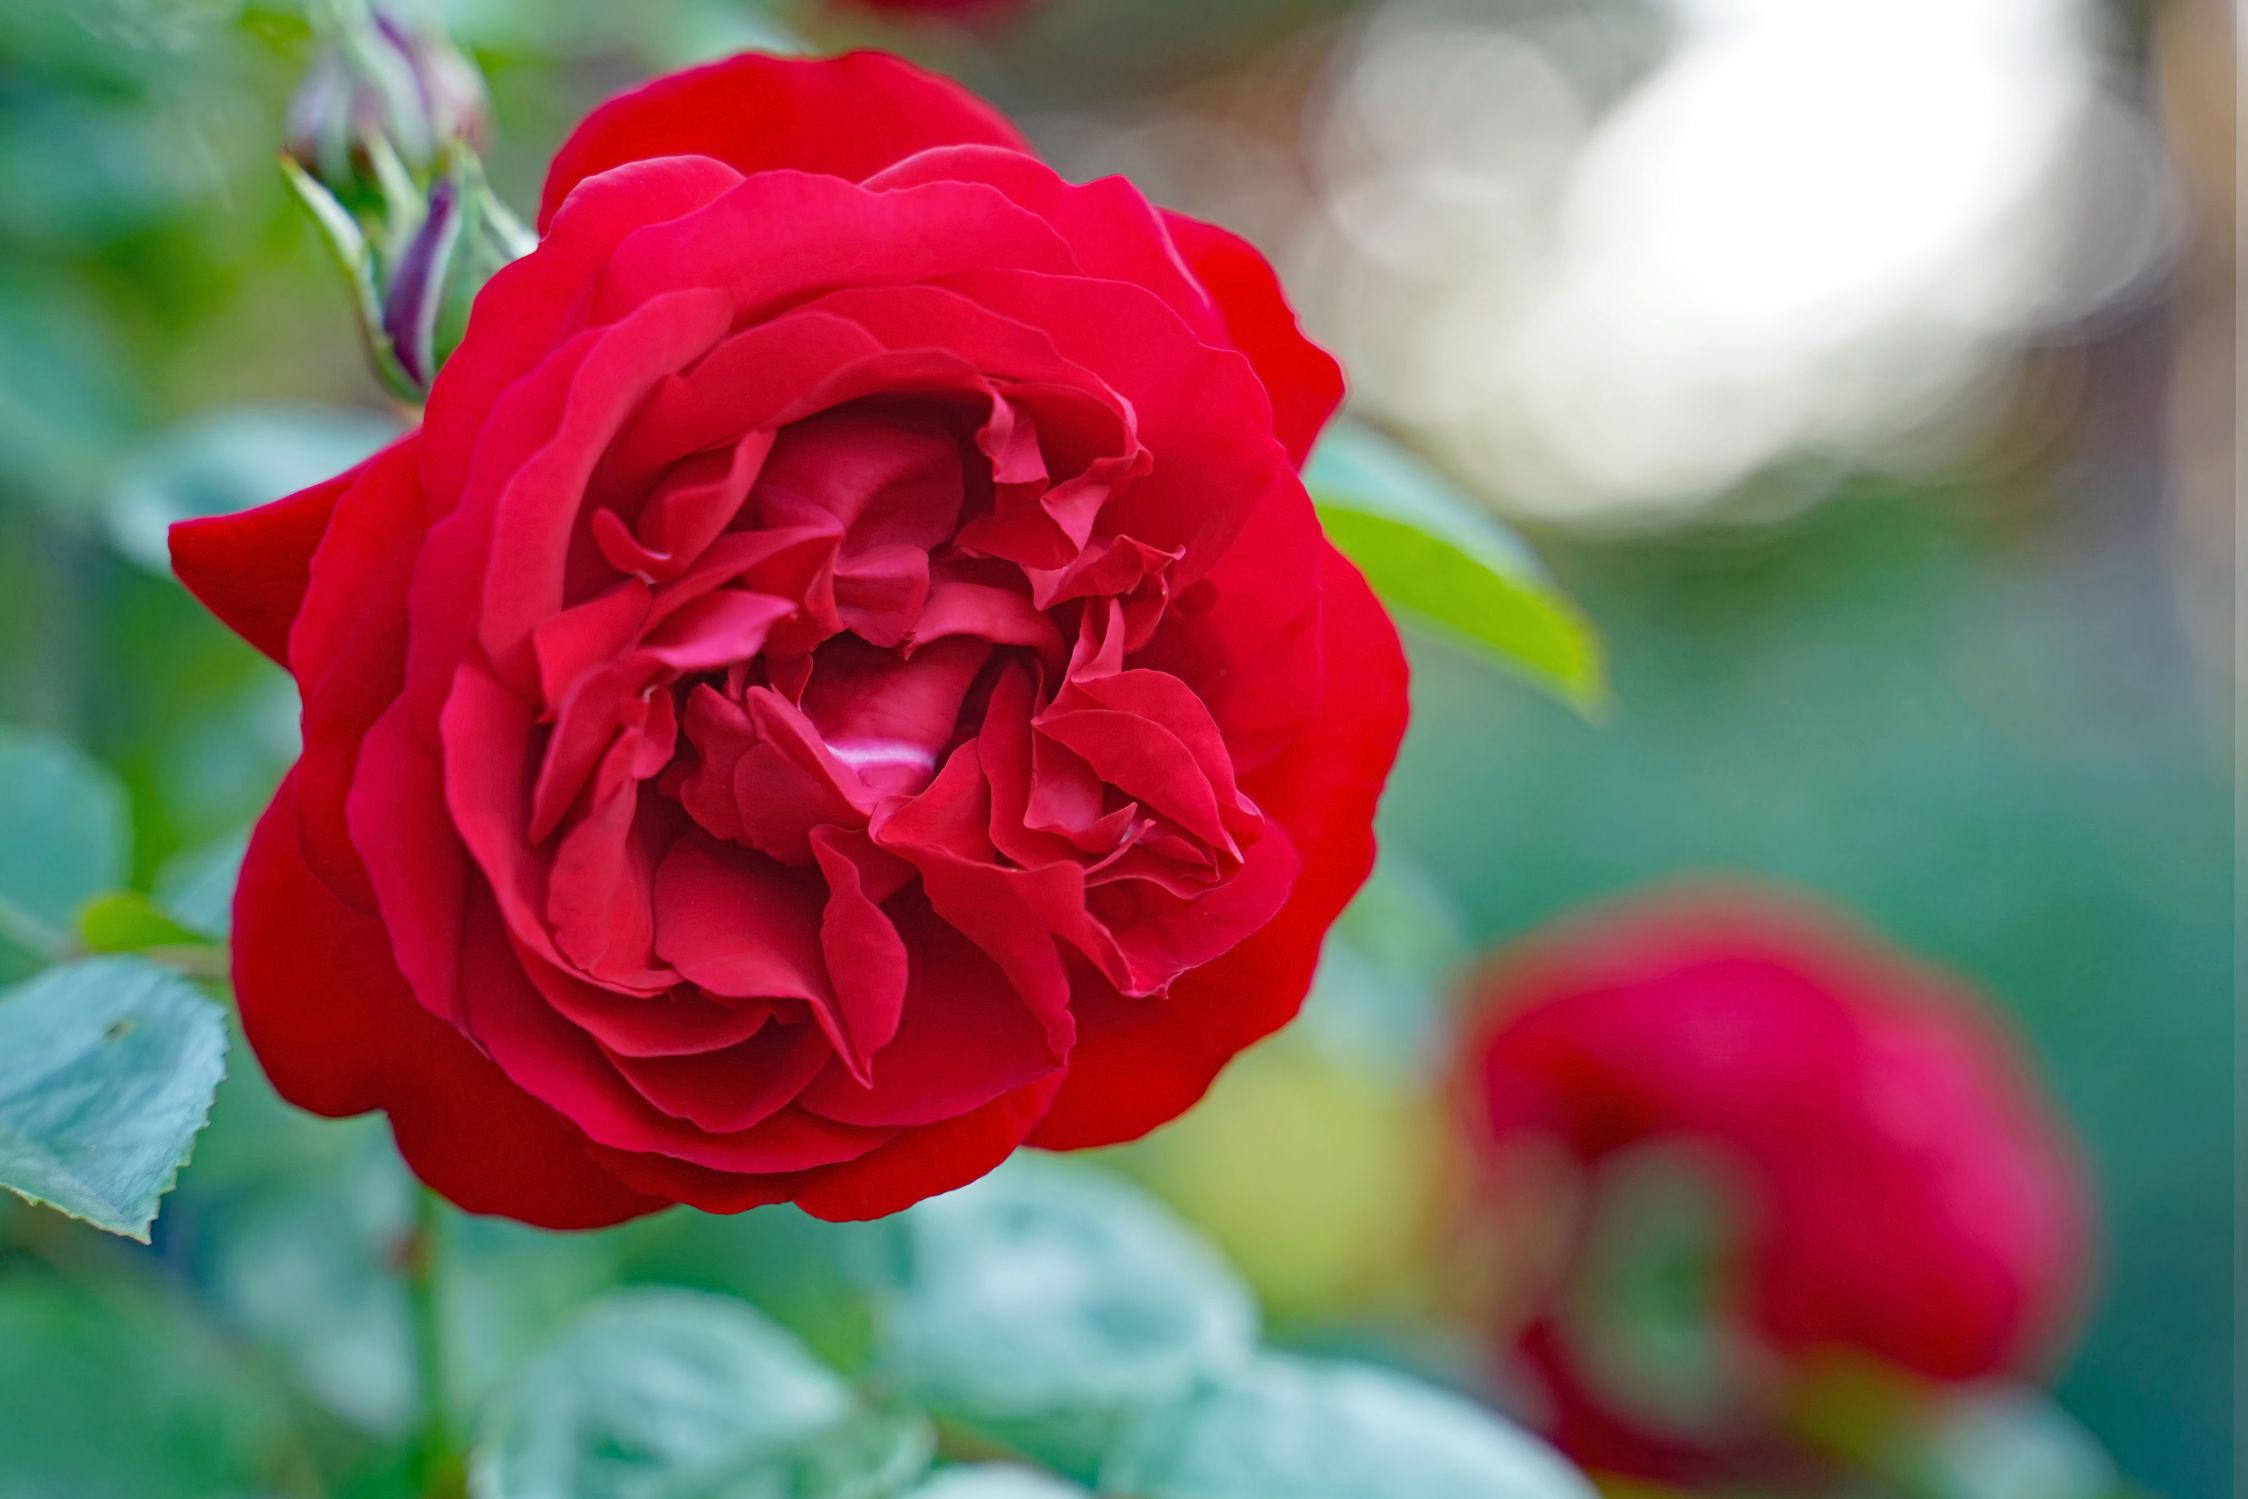 Bild mit Rot, Rose, Freundschaft, Liebe, Dunkelrot, Liebesbezeugung